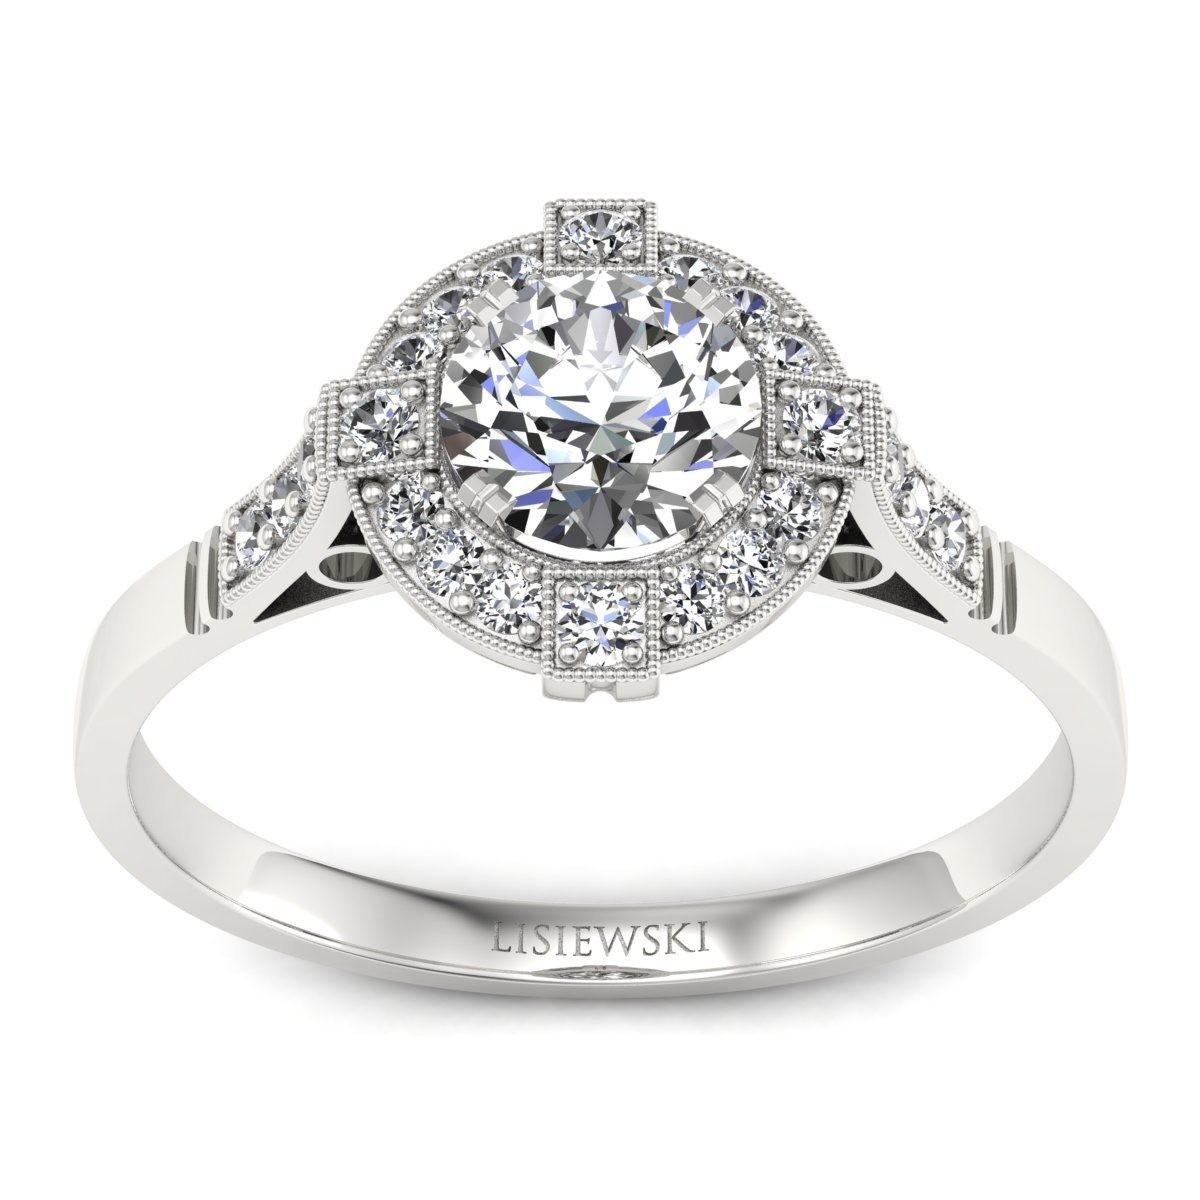 Audrey - Pierścionek z diamentami